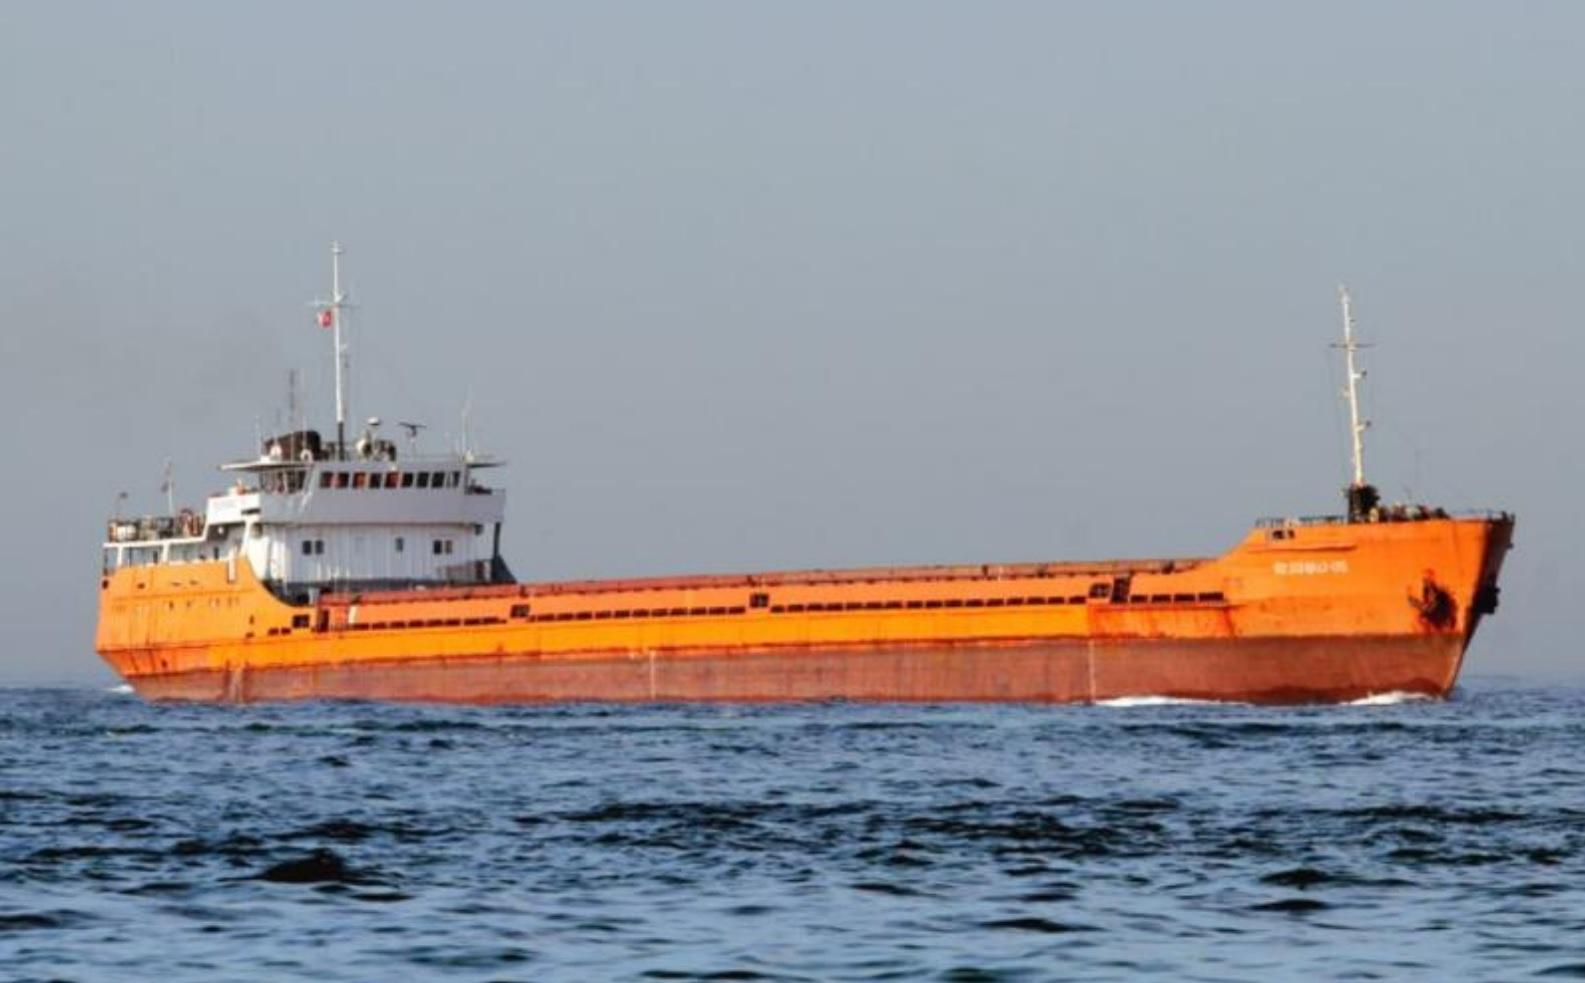 Сухогруз с украинским экипажем потерпел крушение в Черном море. Двое погибших